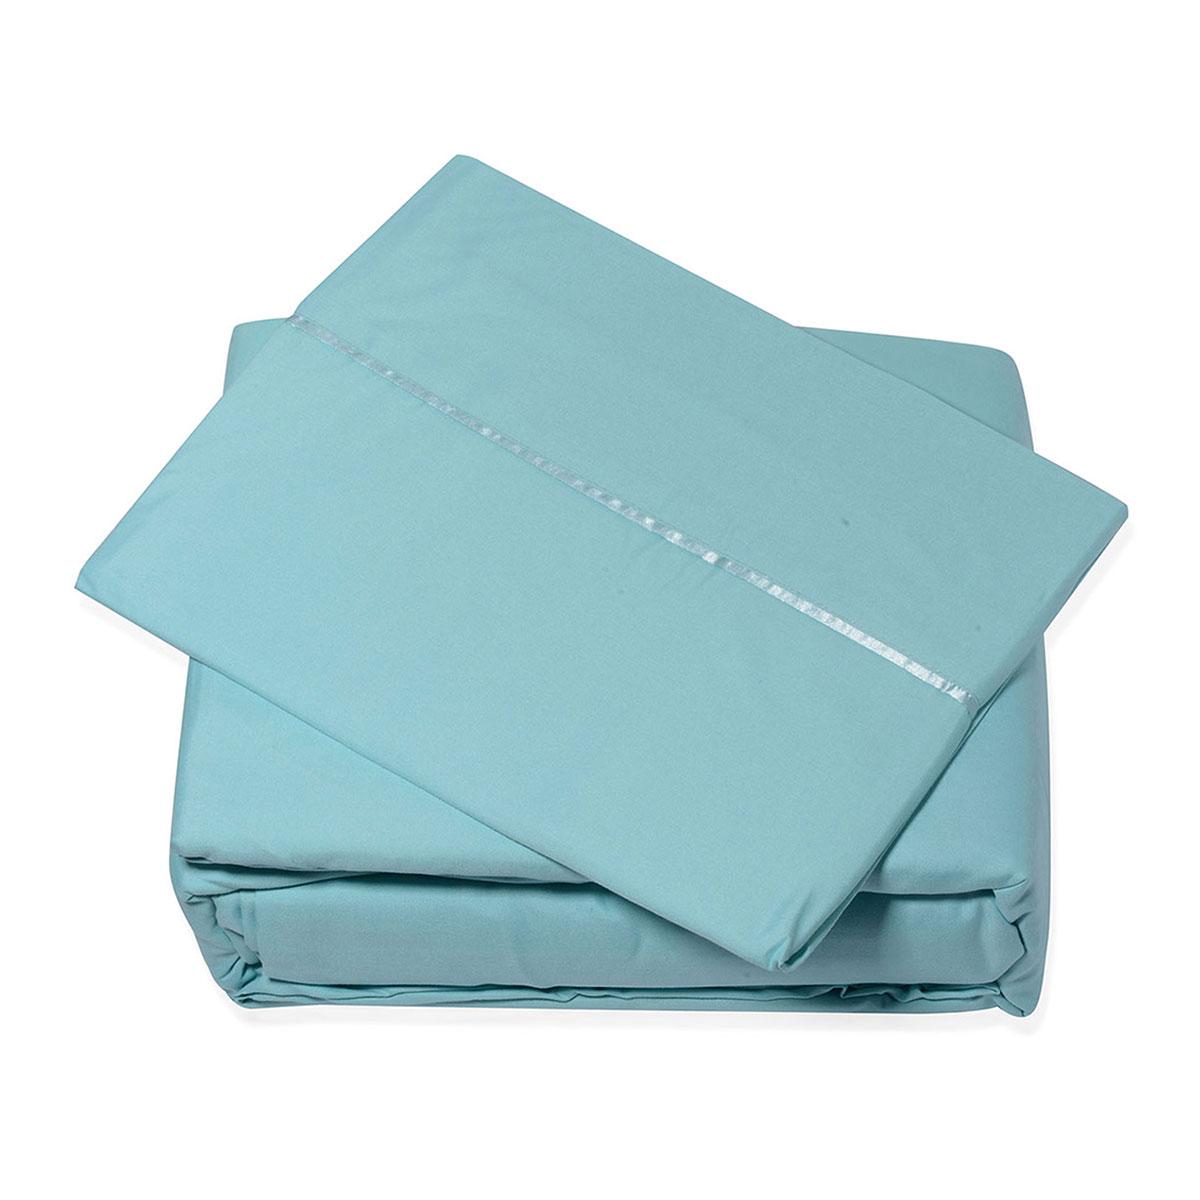 Lexington 2800 Aqua Microfiber 6 Piece Sheet Set (Queen) 3090682